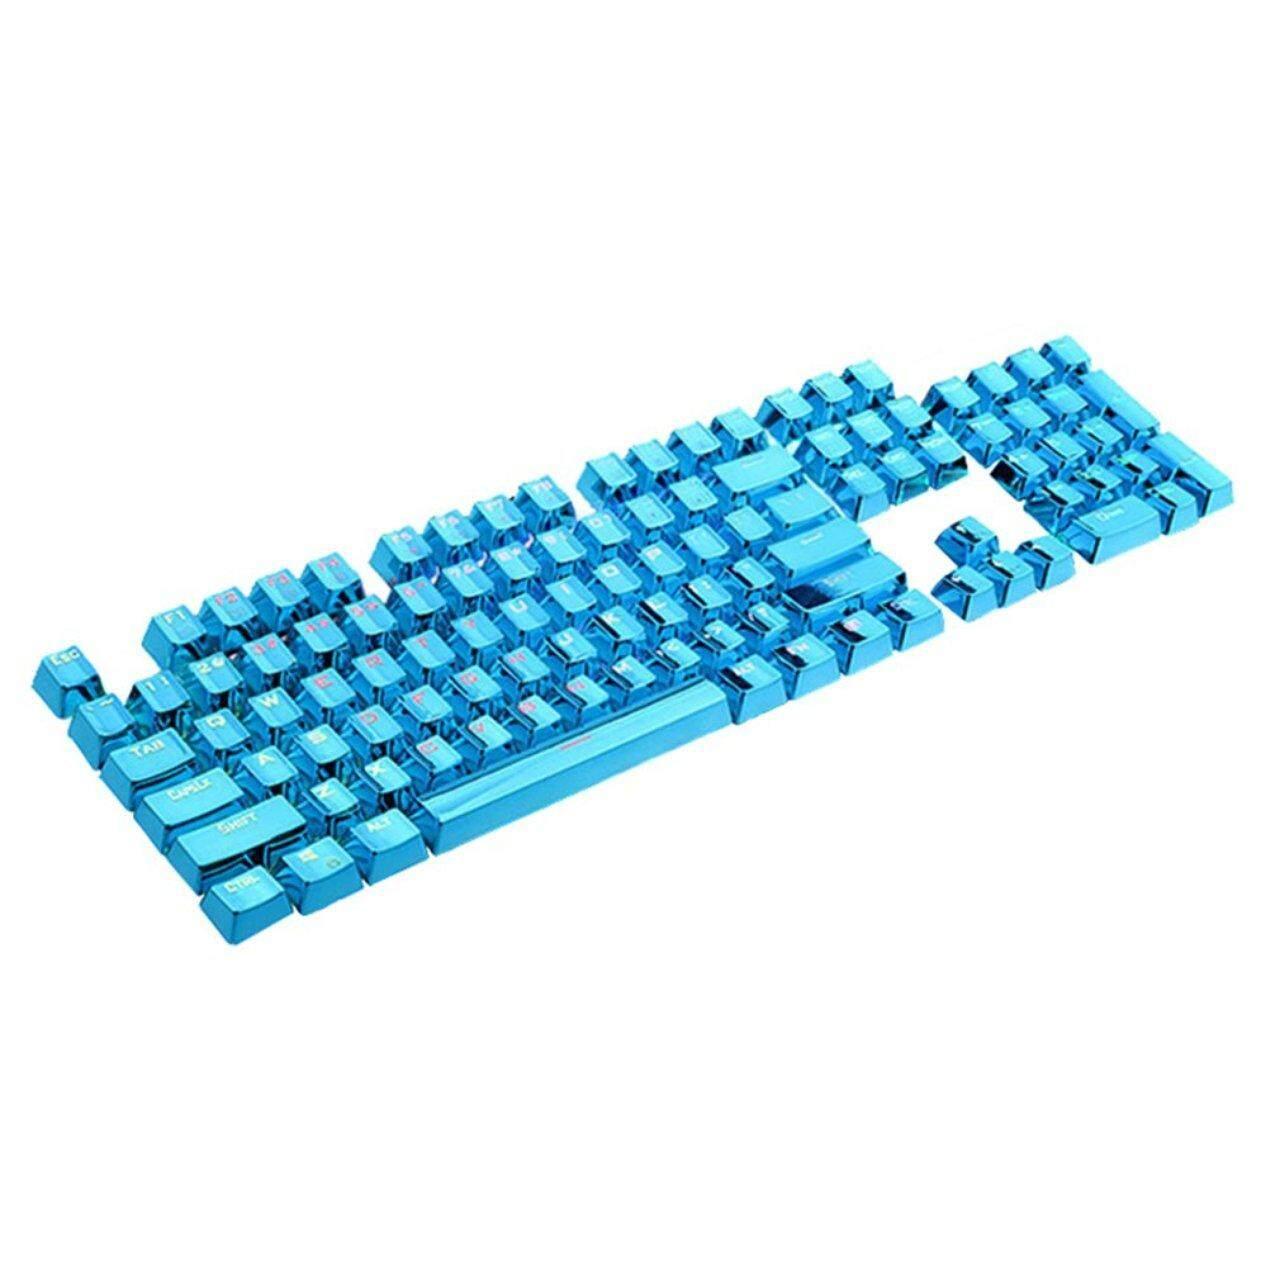 Ở đây tuân thủ 104 Phím Đôi Bắn Keycaps Backlit Keycaps cho Bàn Phím Cơ